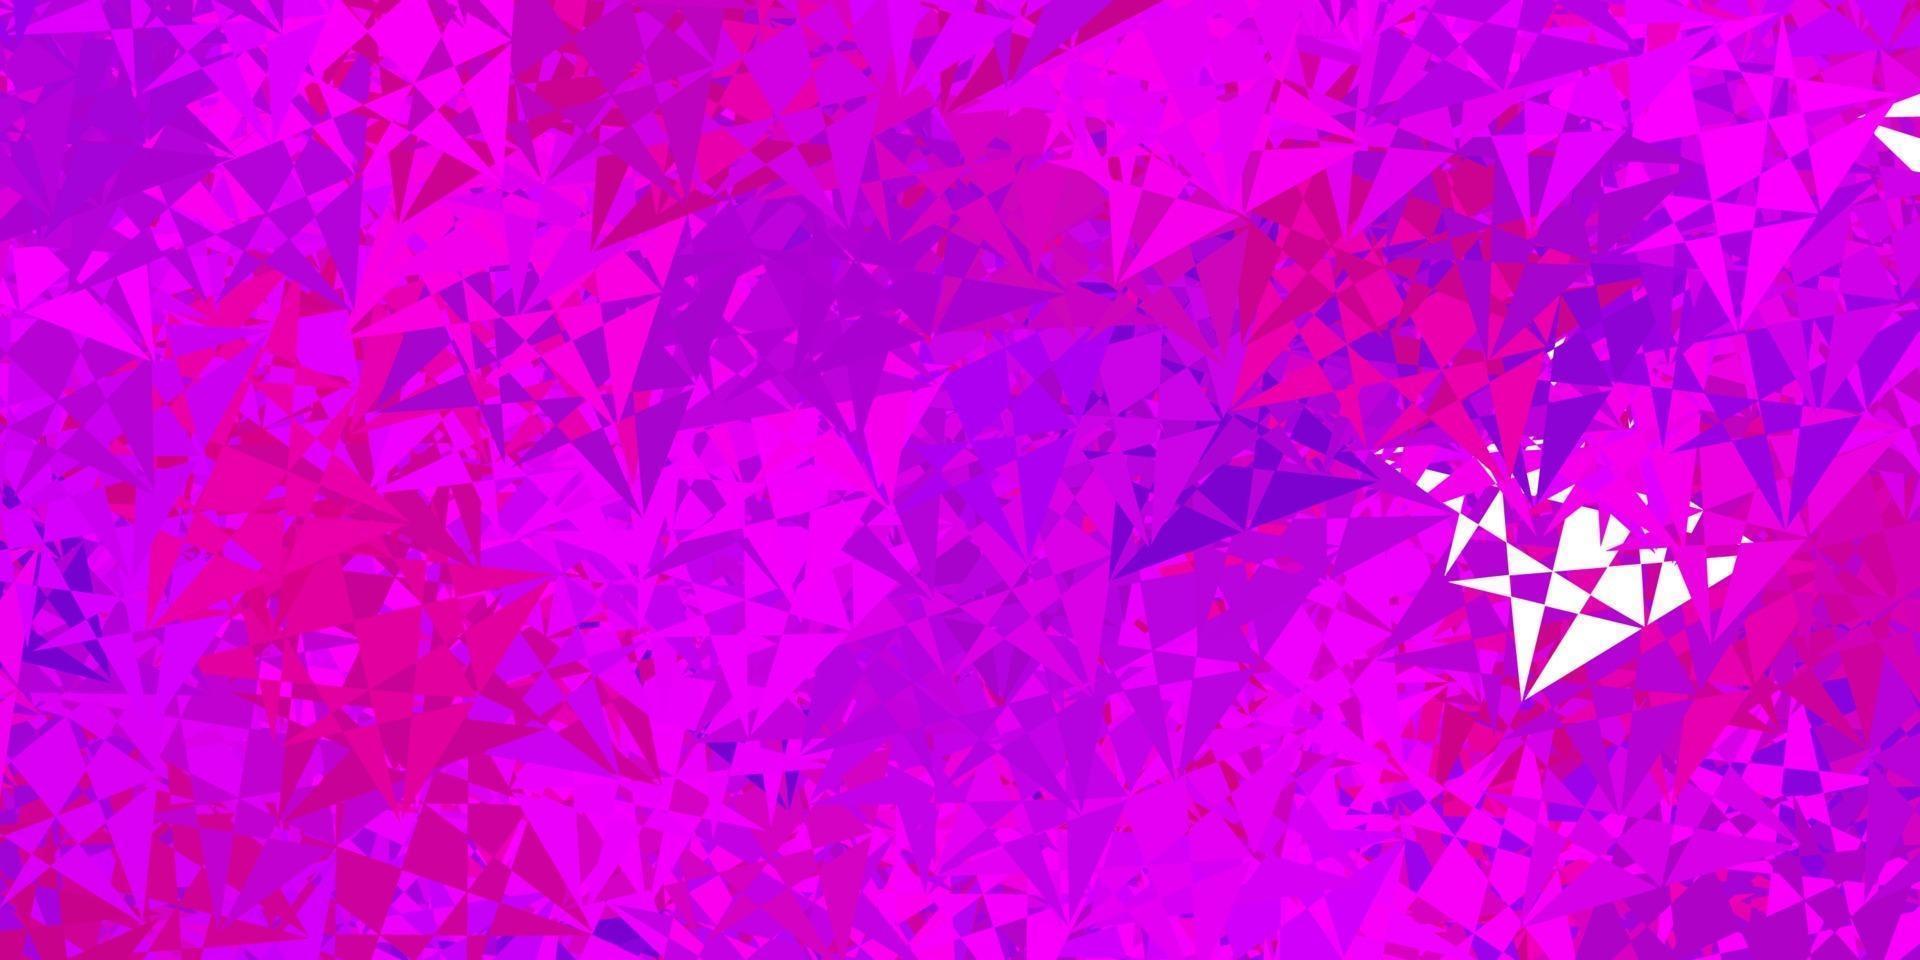 ljuslila, rosa vektormall med triangelformer. vektor